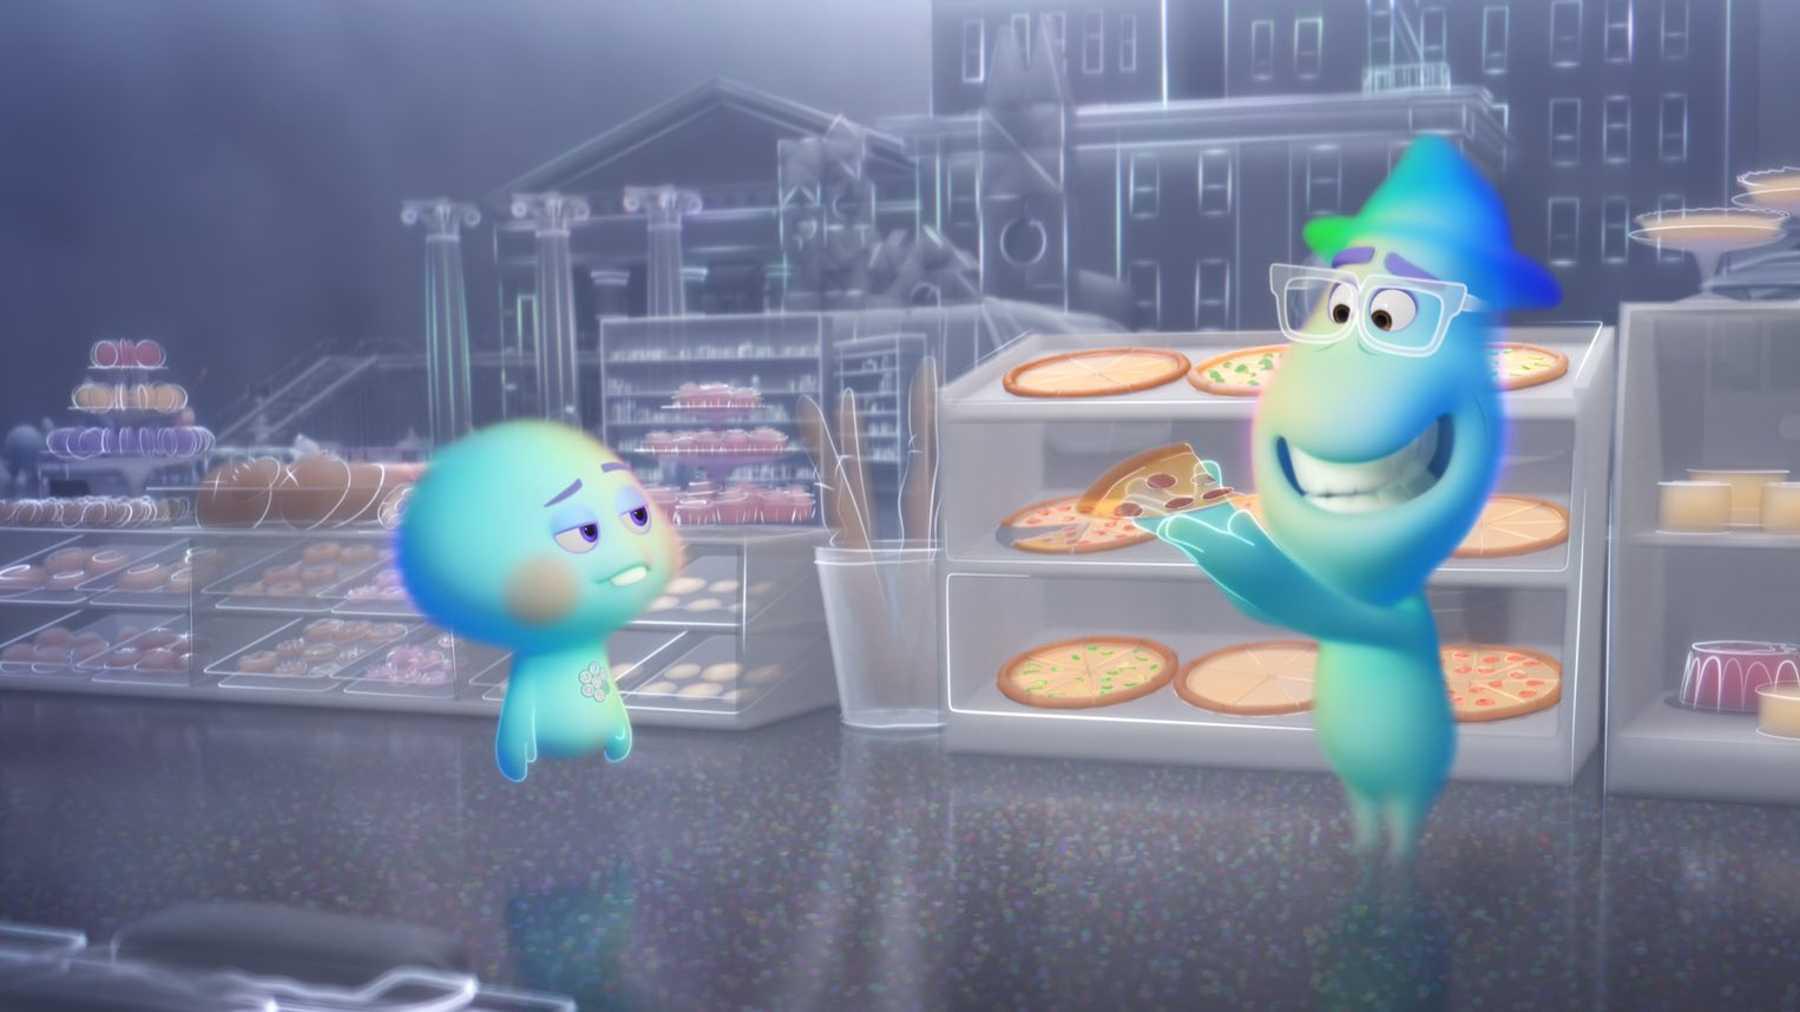 Bom tấn hoạt hình SOUL của Pixar được chuyên gia khen nức nở, khán giả khóc  thét vì chẳng được xem